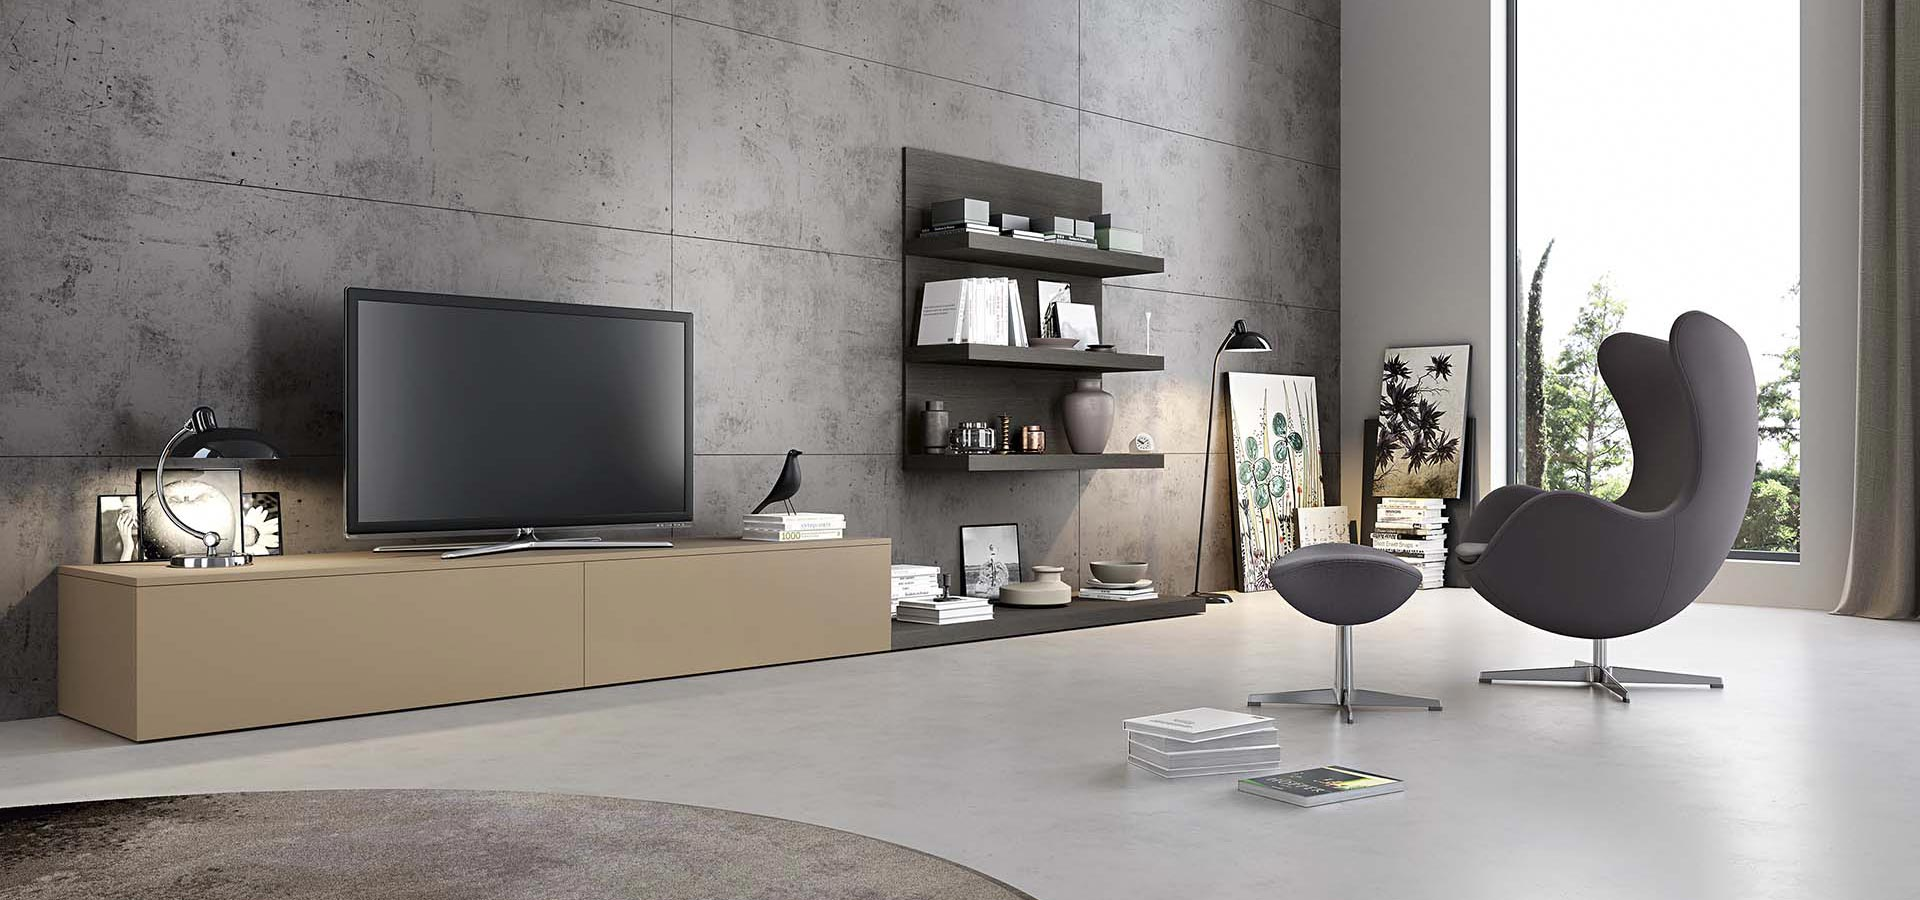 Mensole soggiorno moderno mobili da soggiorno moderni for Immagini mobili soggiorno